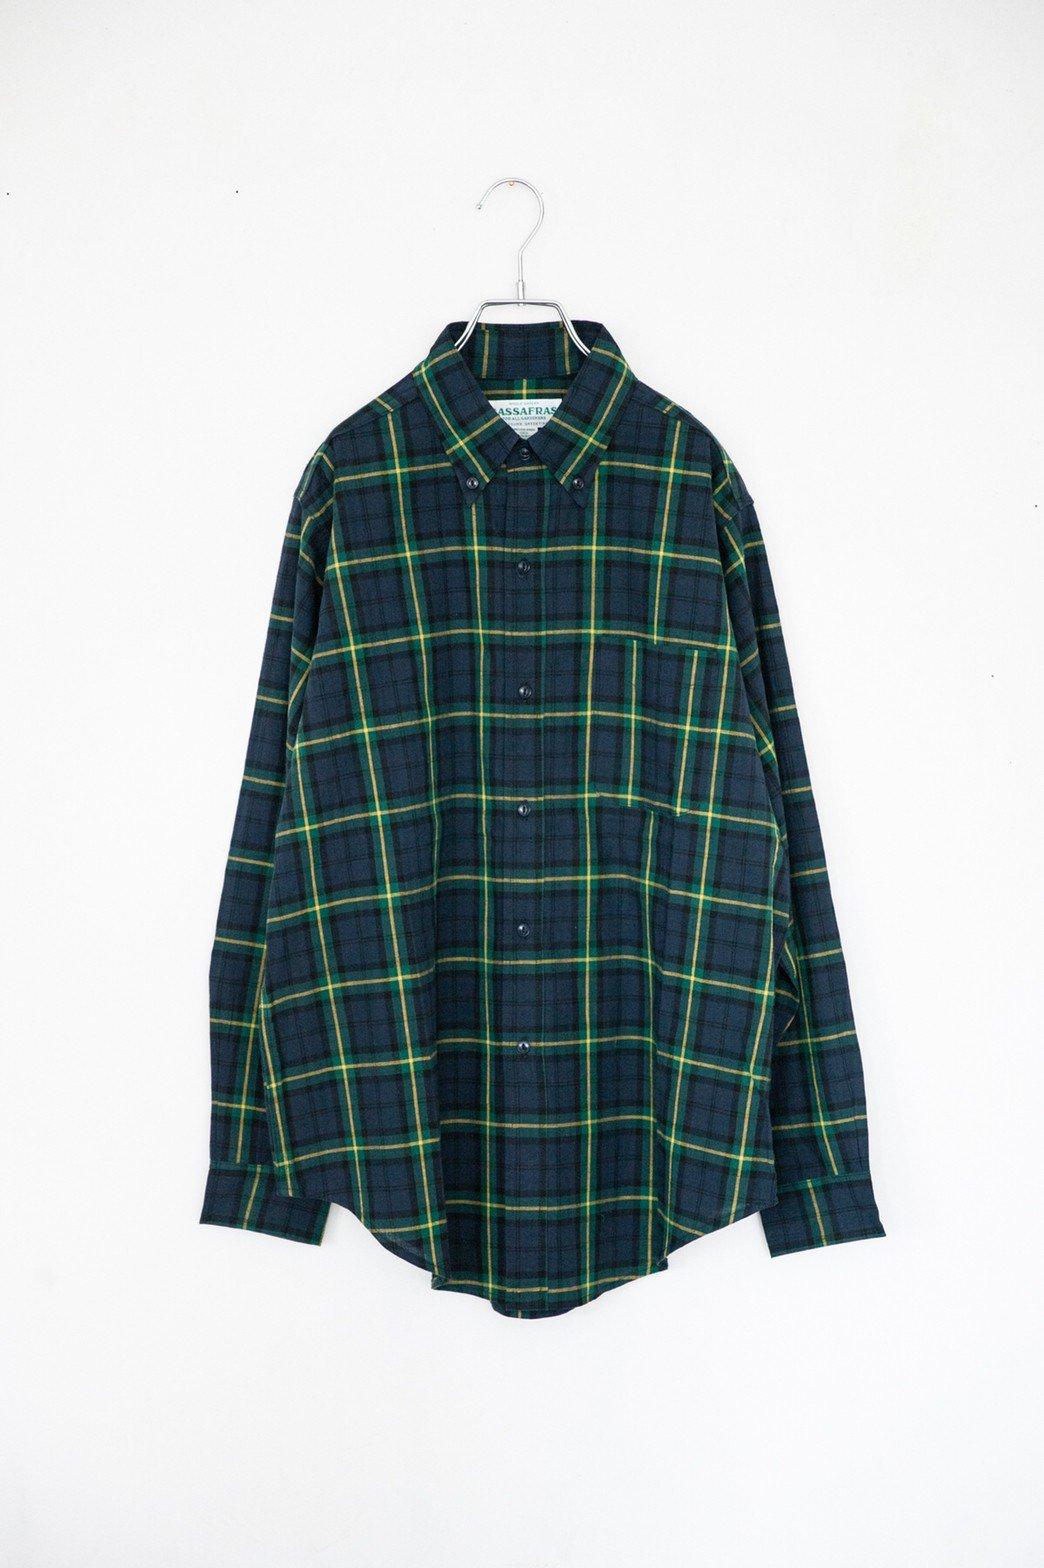 SASSAFRAS / Creen Thumb Shirt GREEN